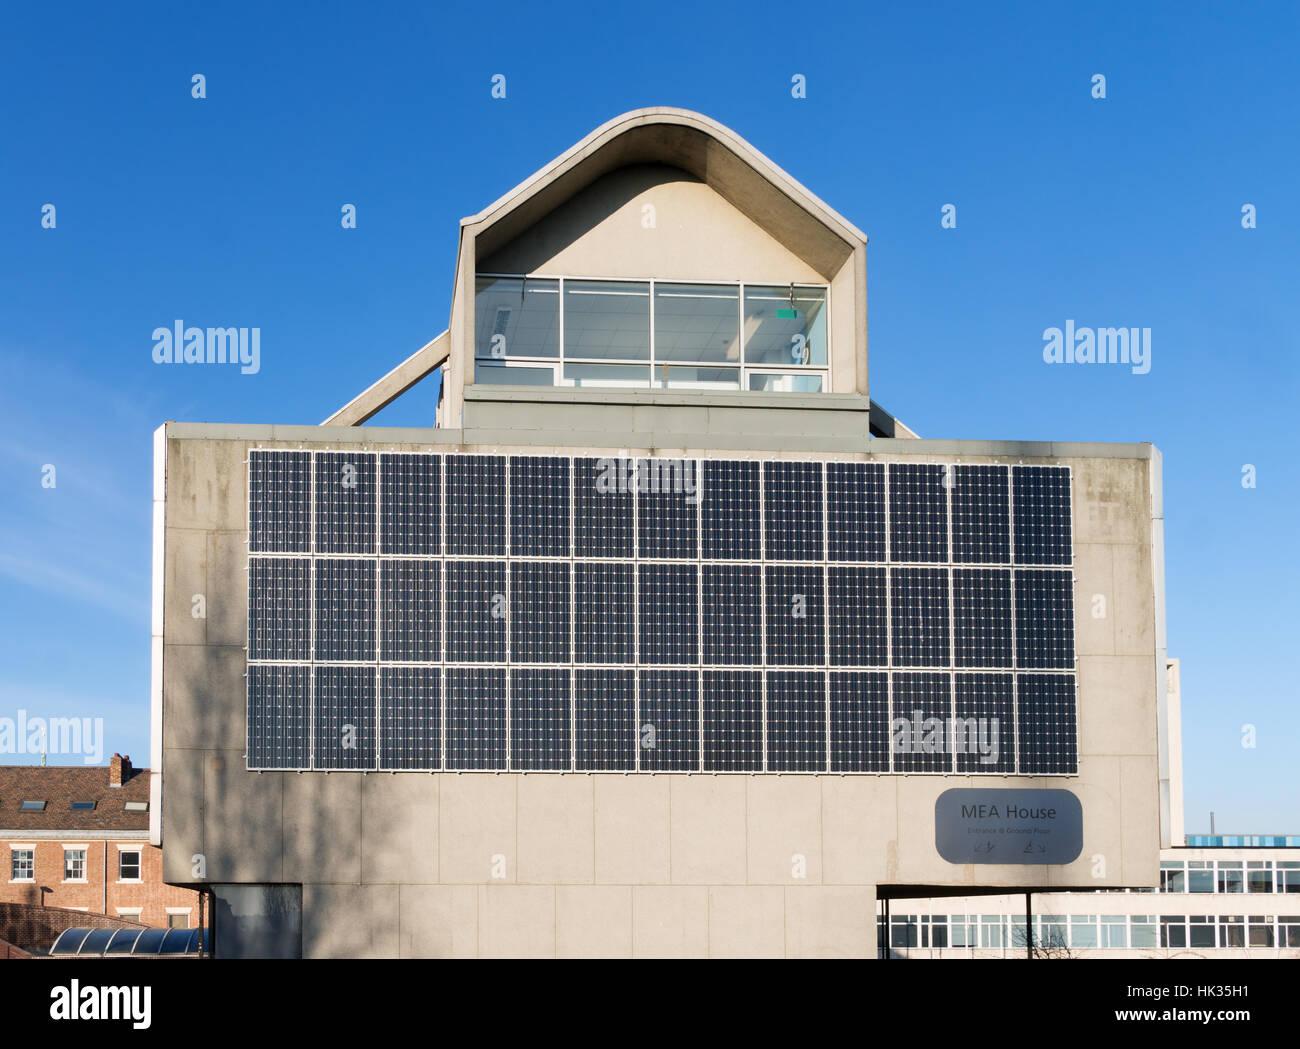 Paneles solares en casa MEA un edificio de los años 1970 enumerados en Newcastle upon Tyne, Inglaterra, Reino Imagen De Stock